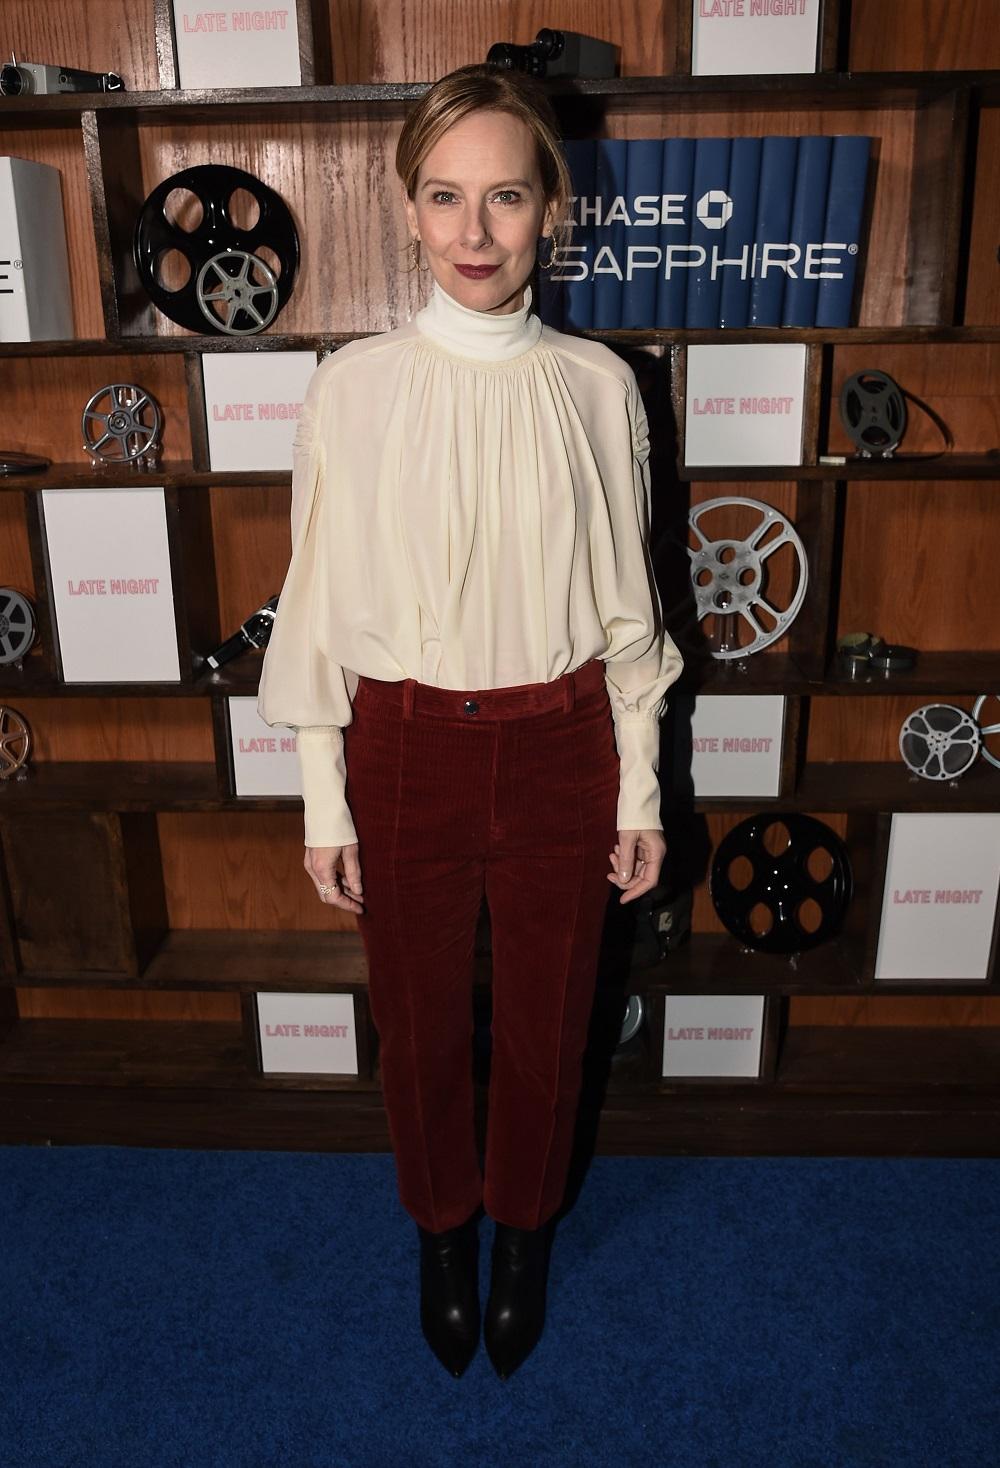 Actress Amy Ryan